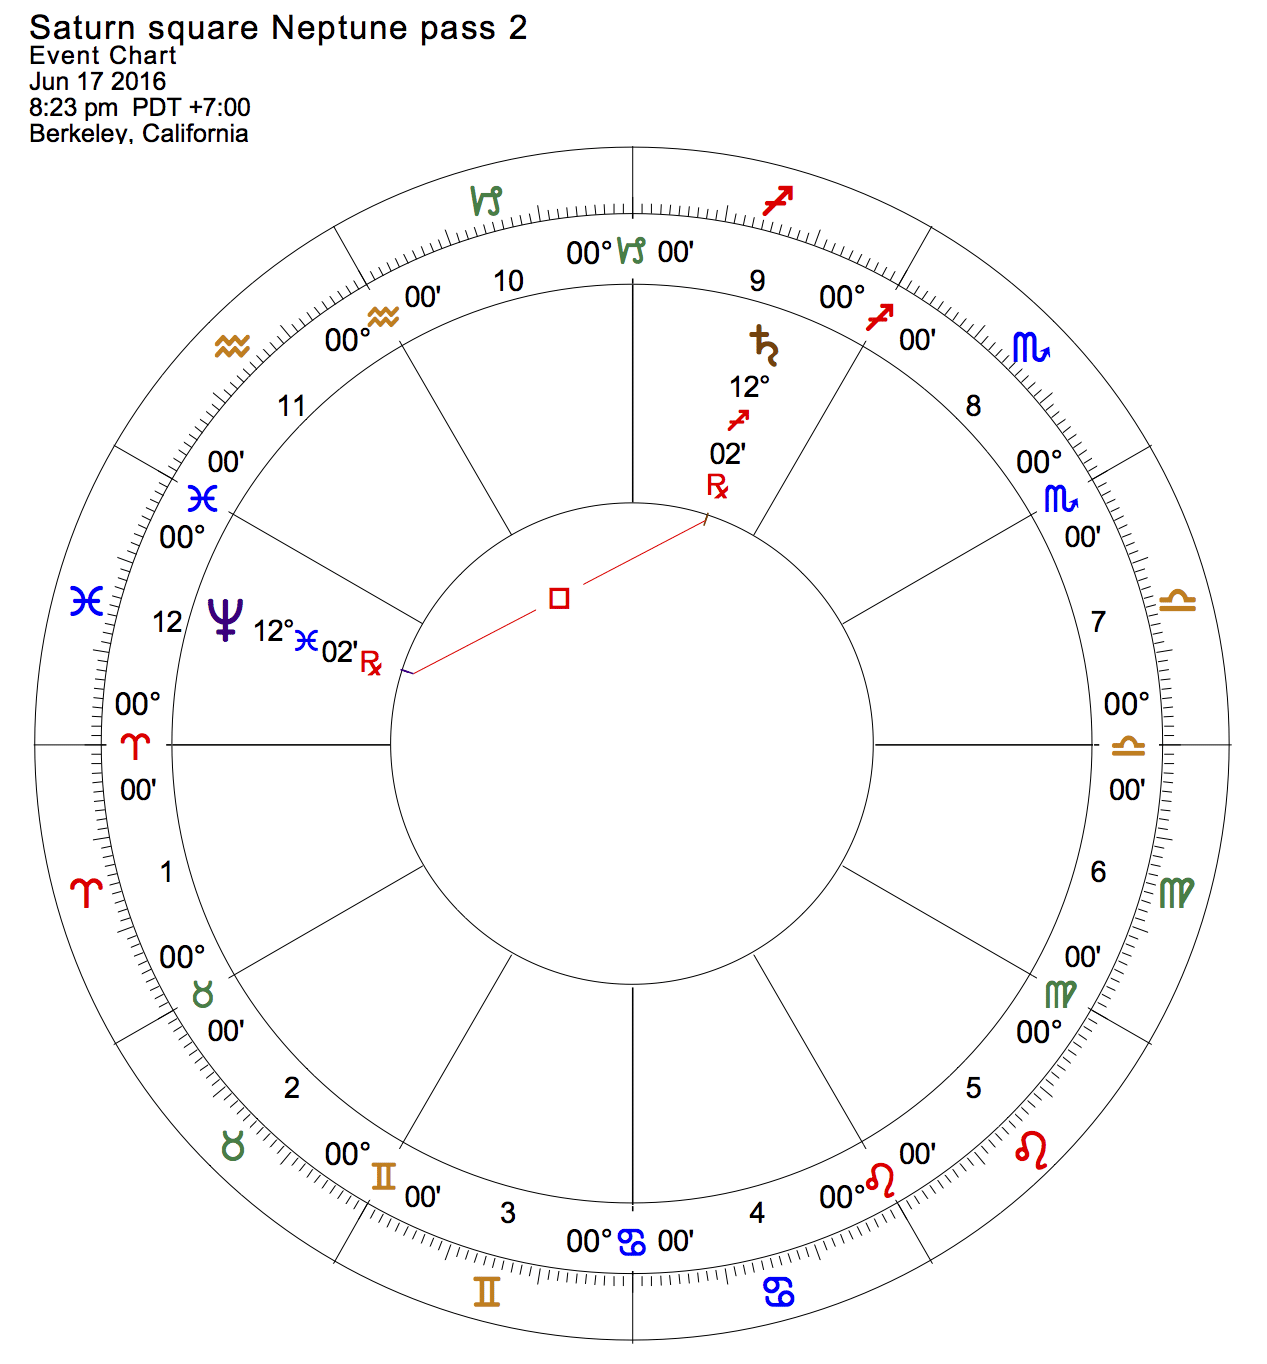 Saturn square Neptune, pass 2